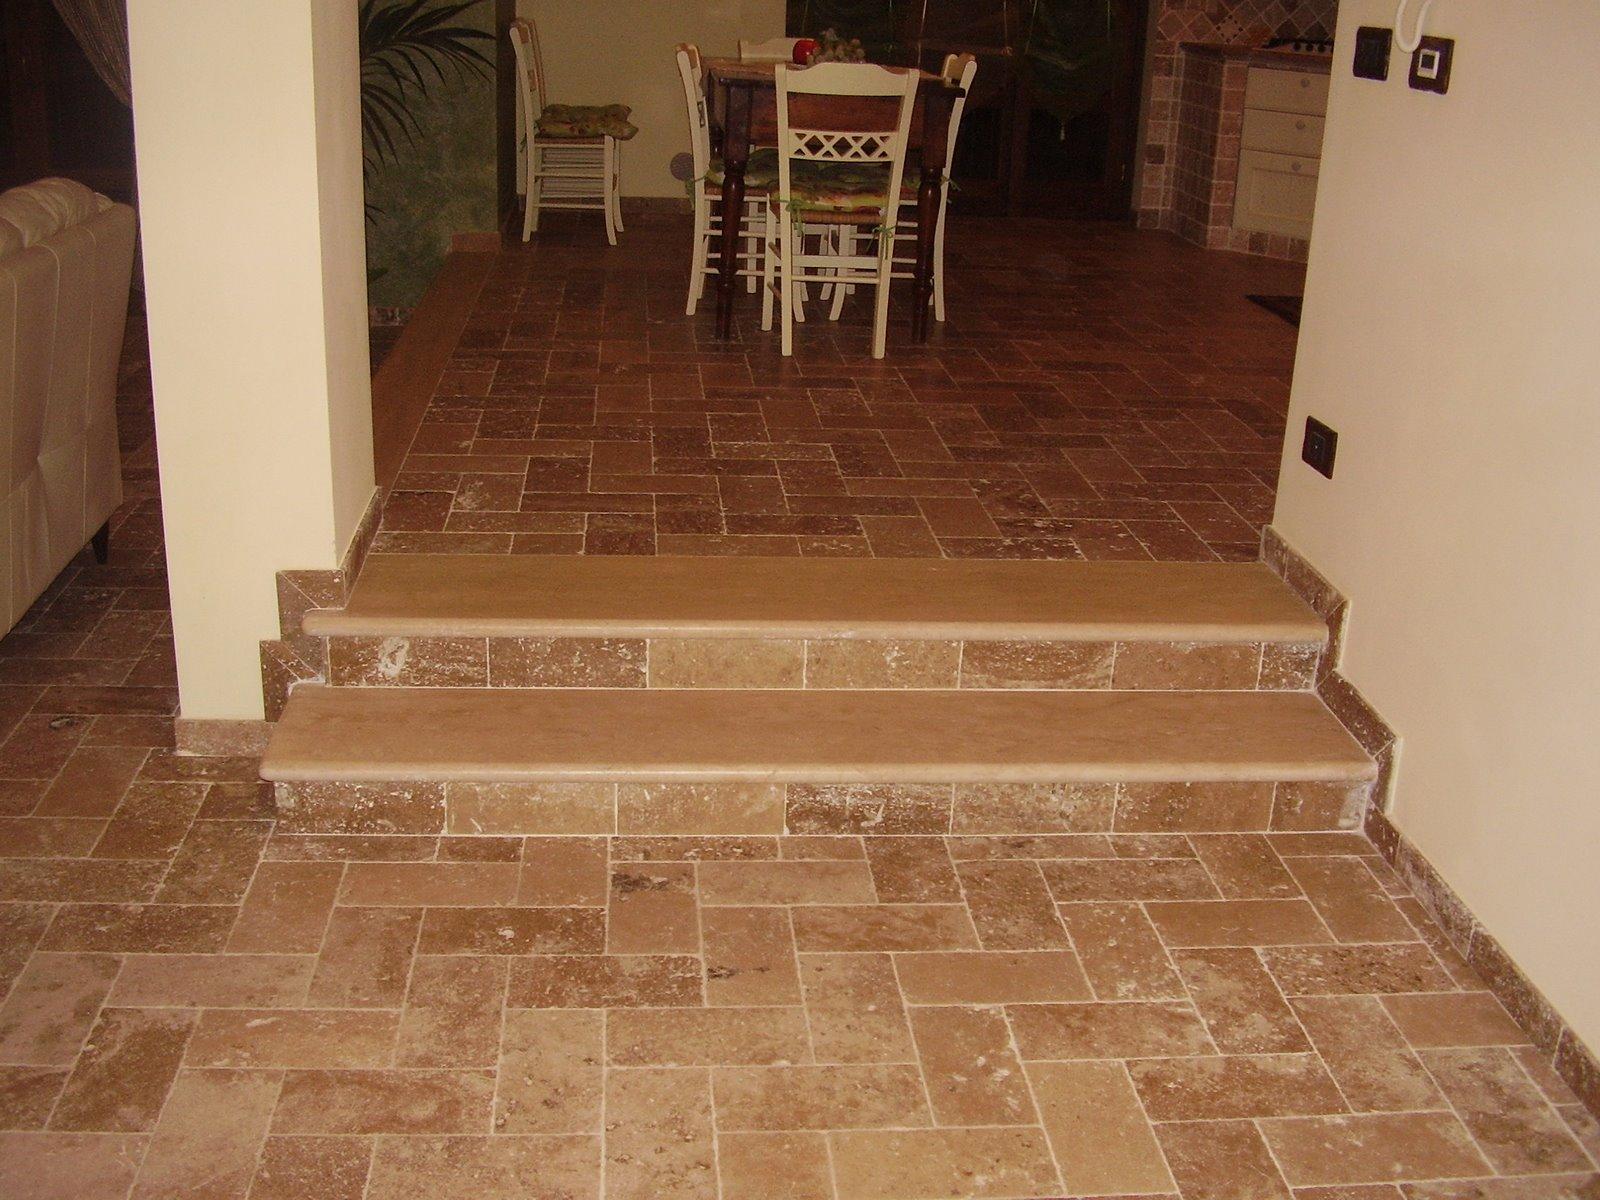 pavimenti in travertino per esterni: pavimenti in marmo travertino ... - Pavimenti In Travertino